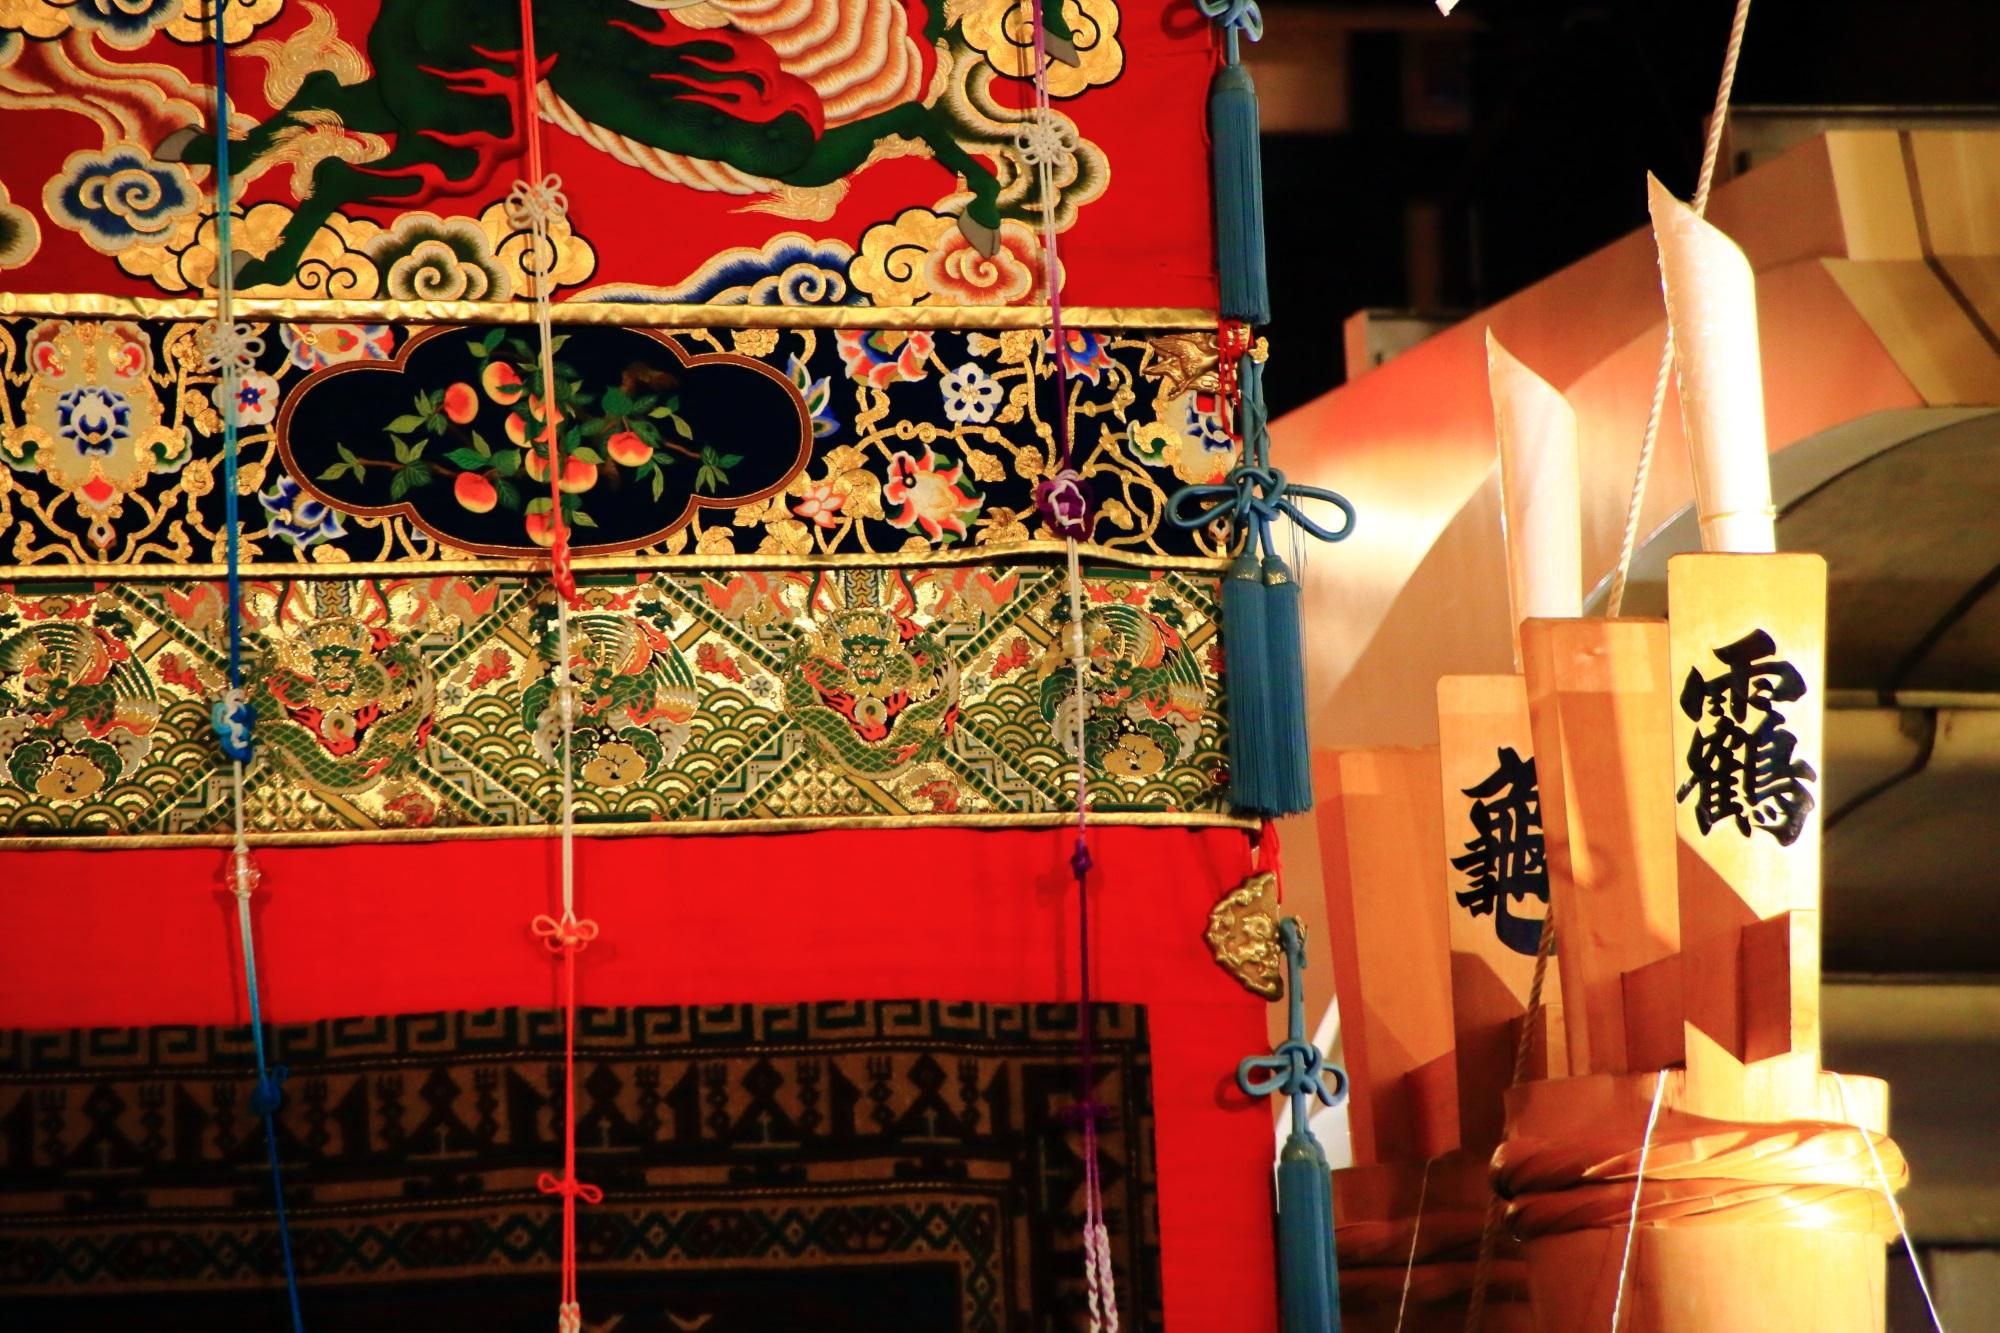 京都三大祭の祇園祭の宵山の長刀鉾